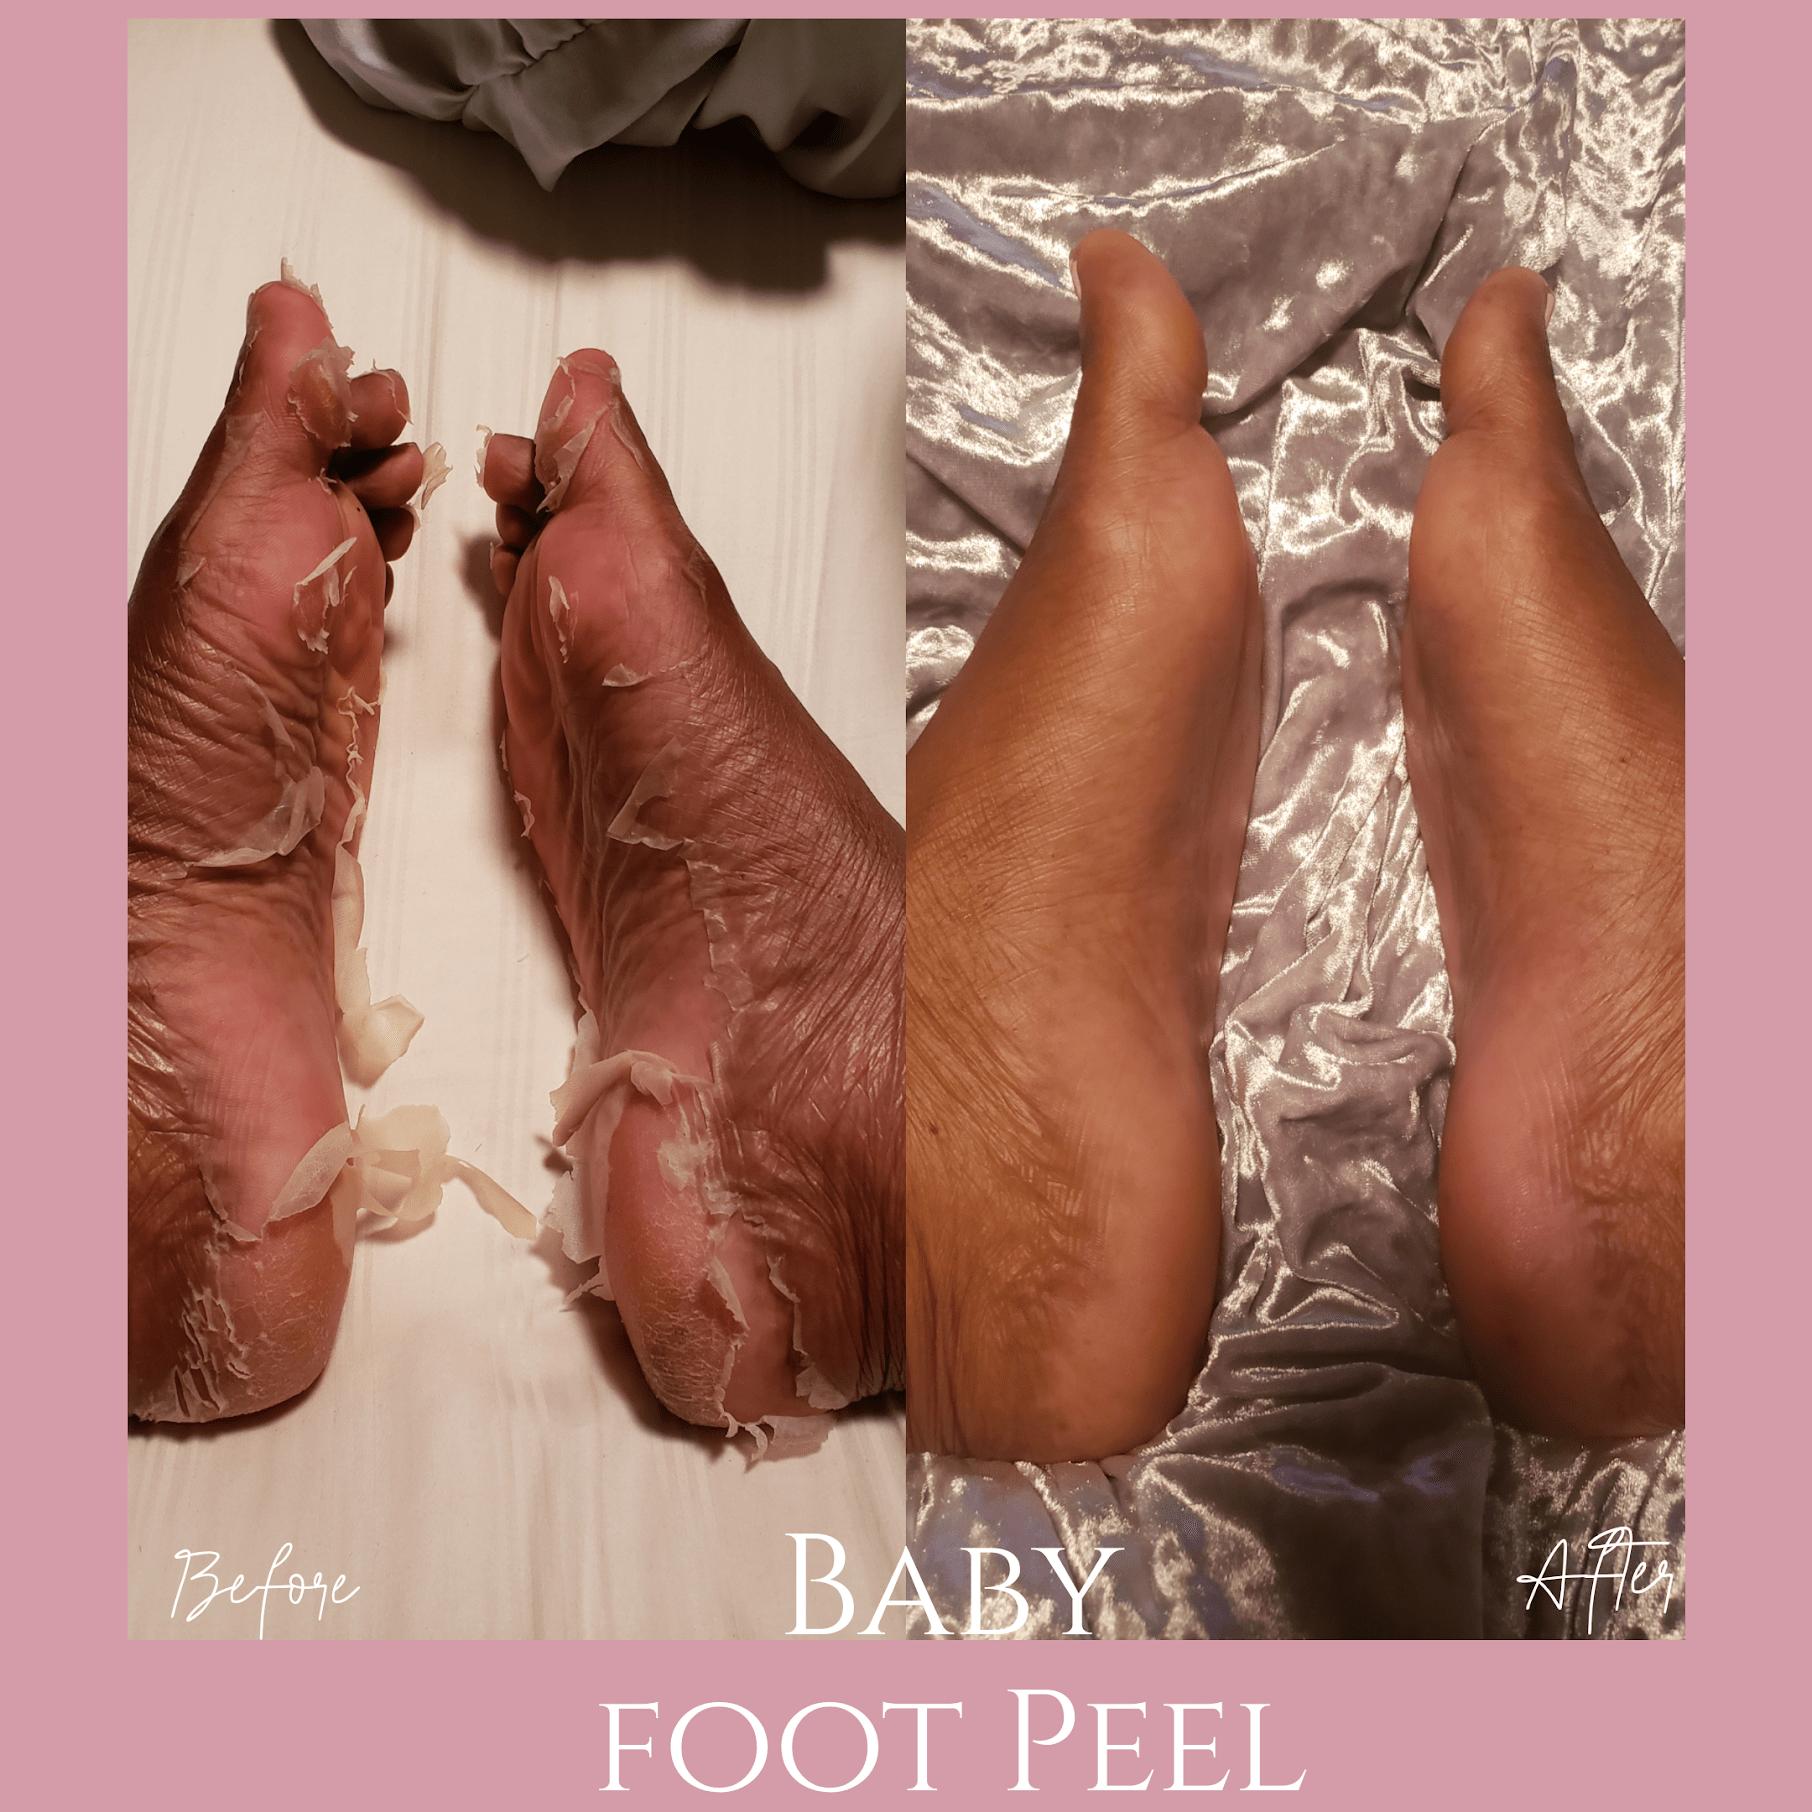 Baby Foot Peel